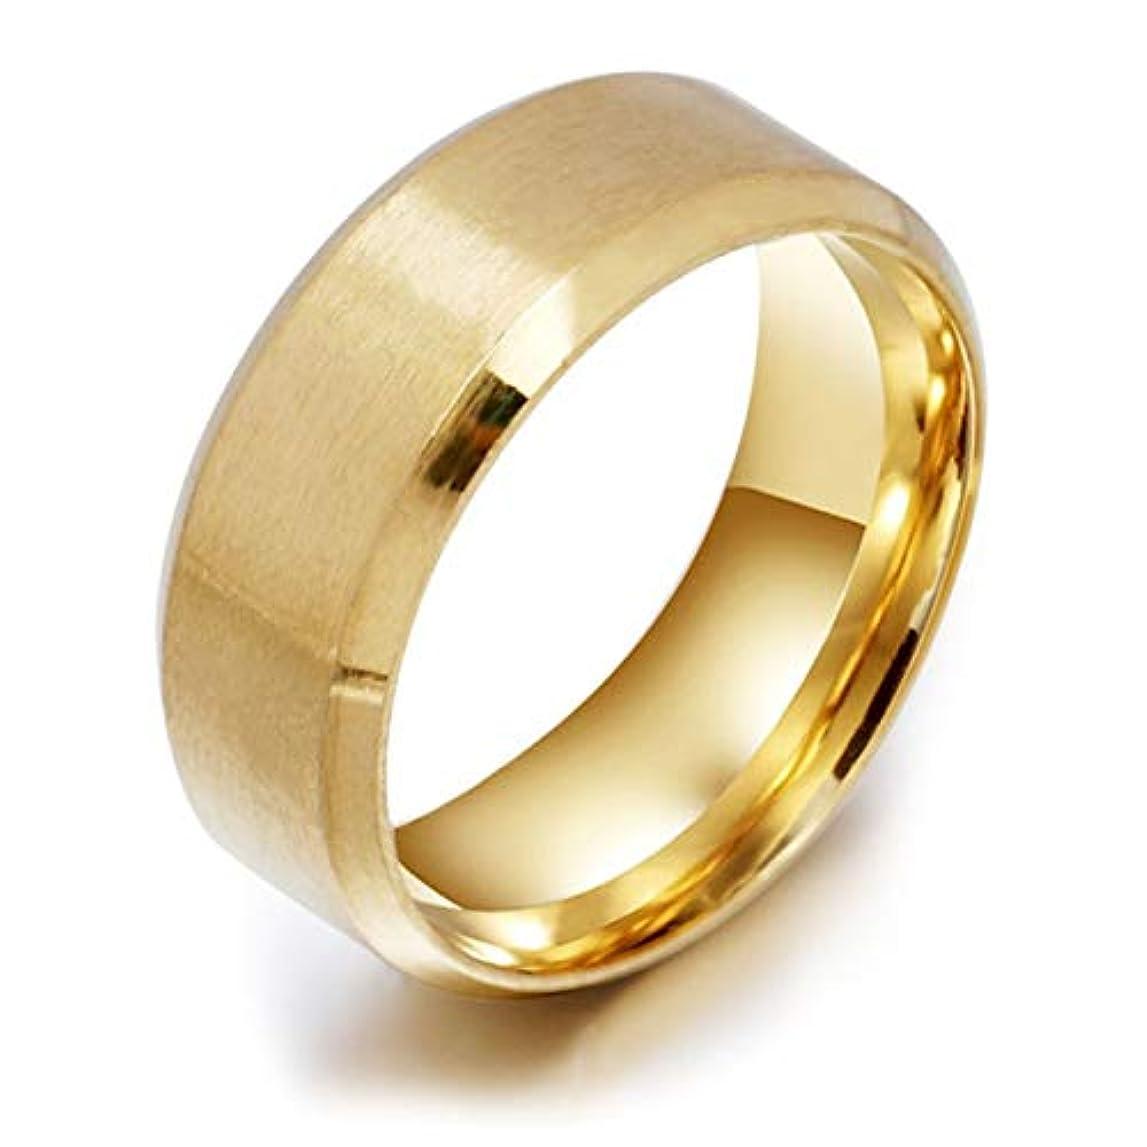 乙女クラックテープステンレス鋼の医療指リング磁気減量リング男性のための高いポーランドのファッションジュエリー女性リング-ゴールド10